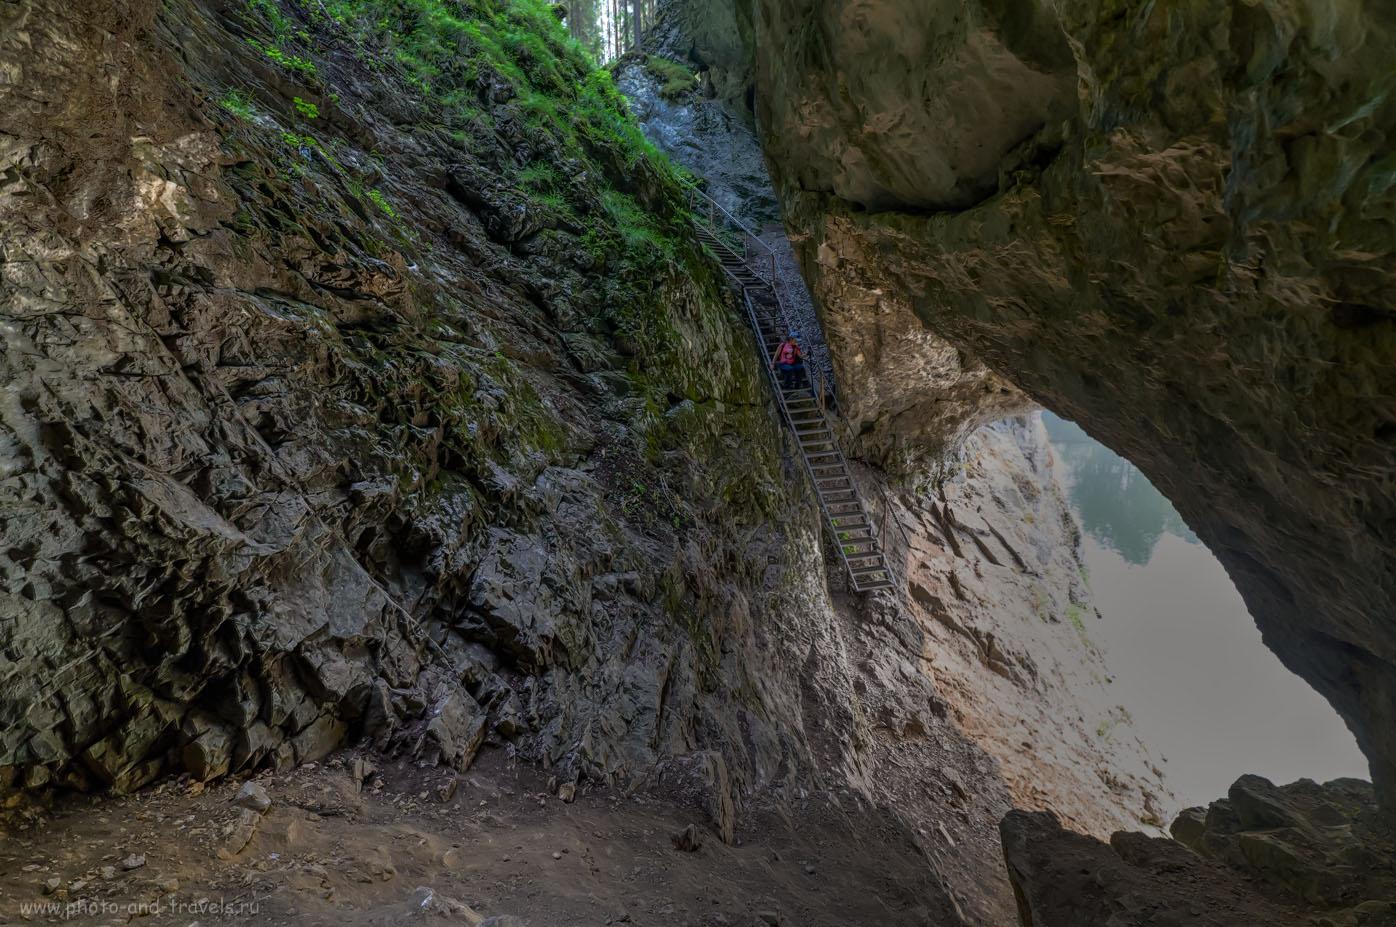 Фотография 29. Лестница с тыльной стороны Карстового моста. Тонмаппинг из одного кадра, снятого с рук. 1/160, 8.0, 3200, 14.